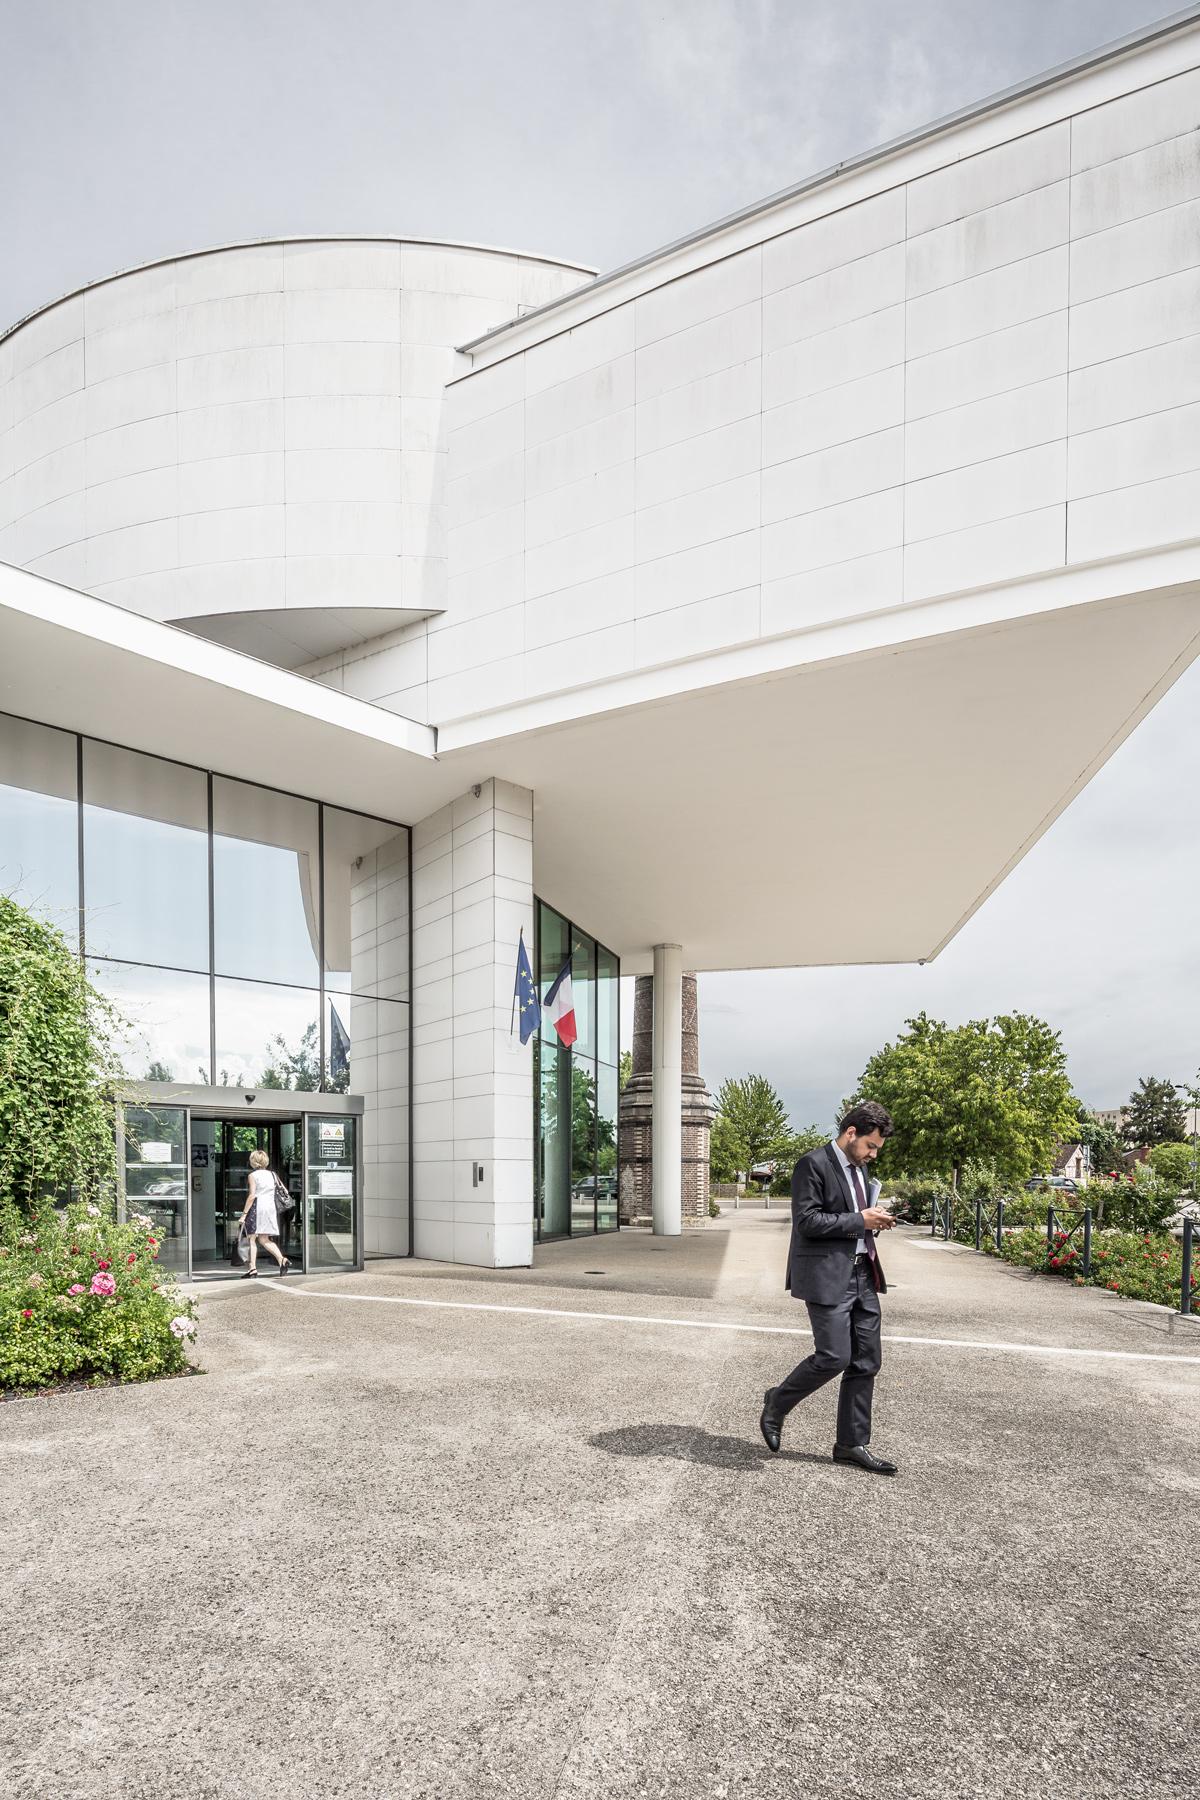 photographie d'architecture d'un bâtiment administratif à Troyes